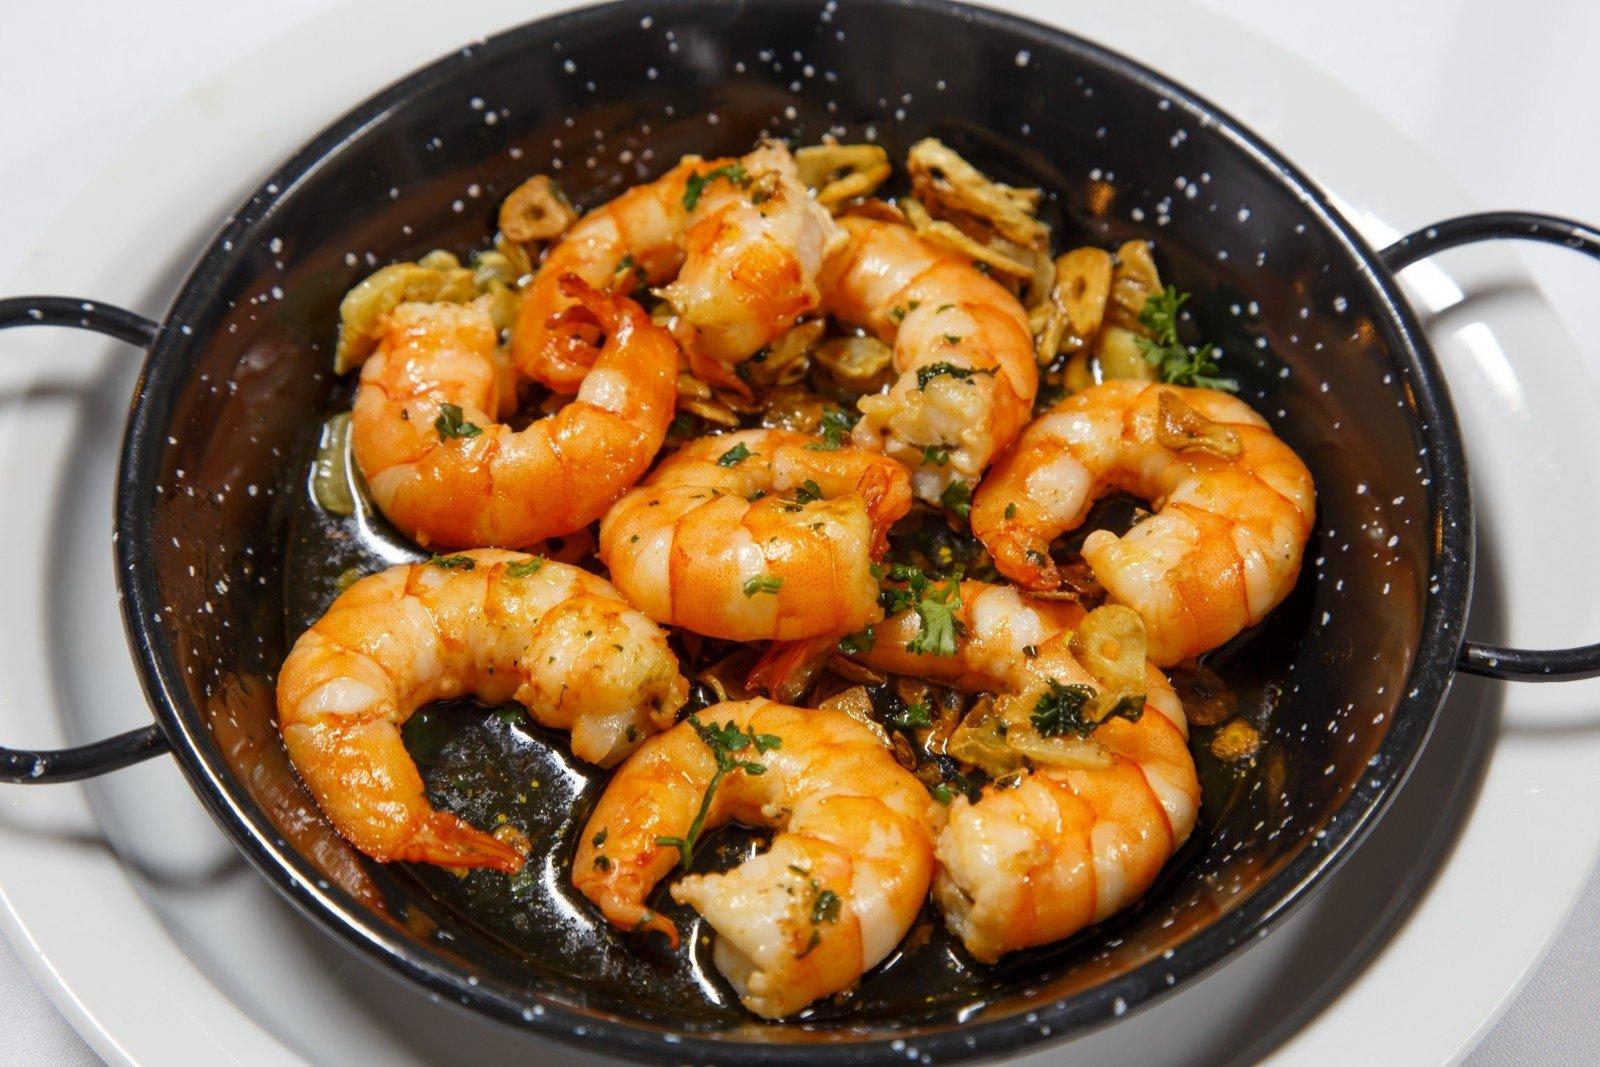 Креветки жареные в панцире с чесноком и соевым соусом рецепт